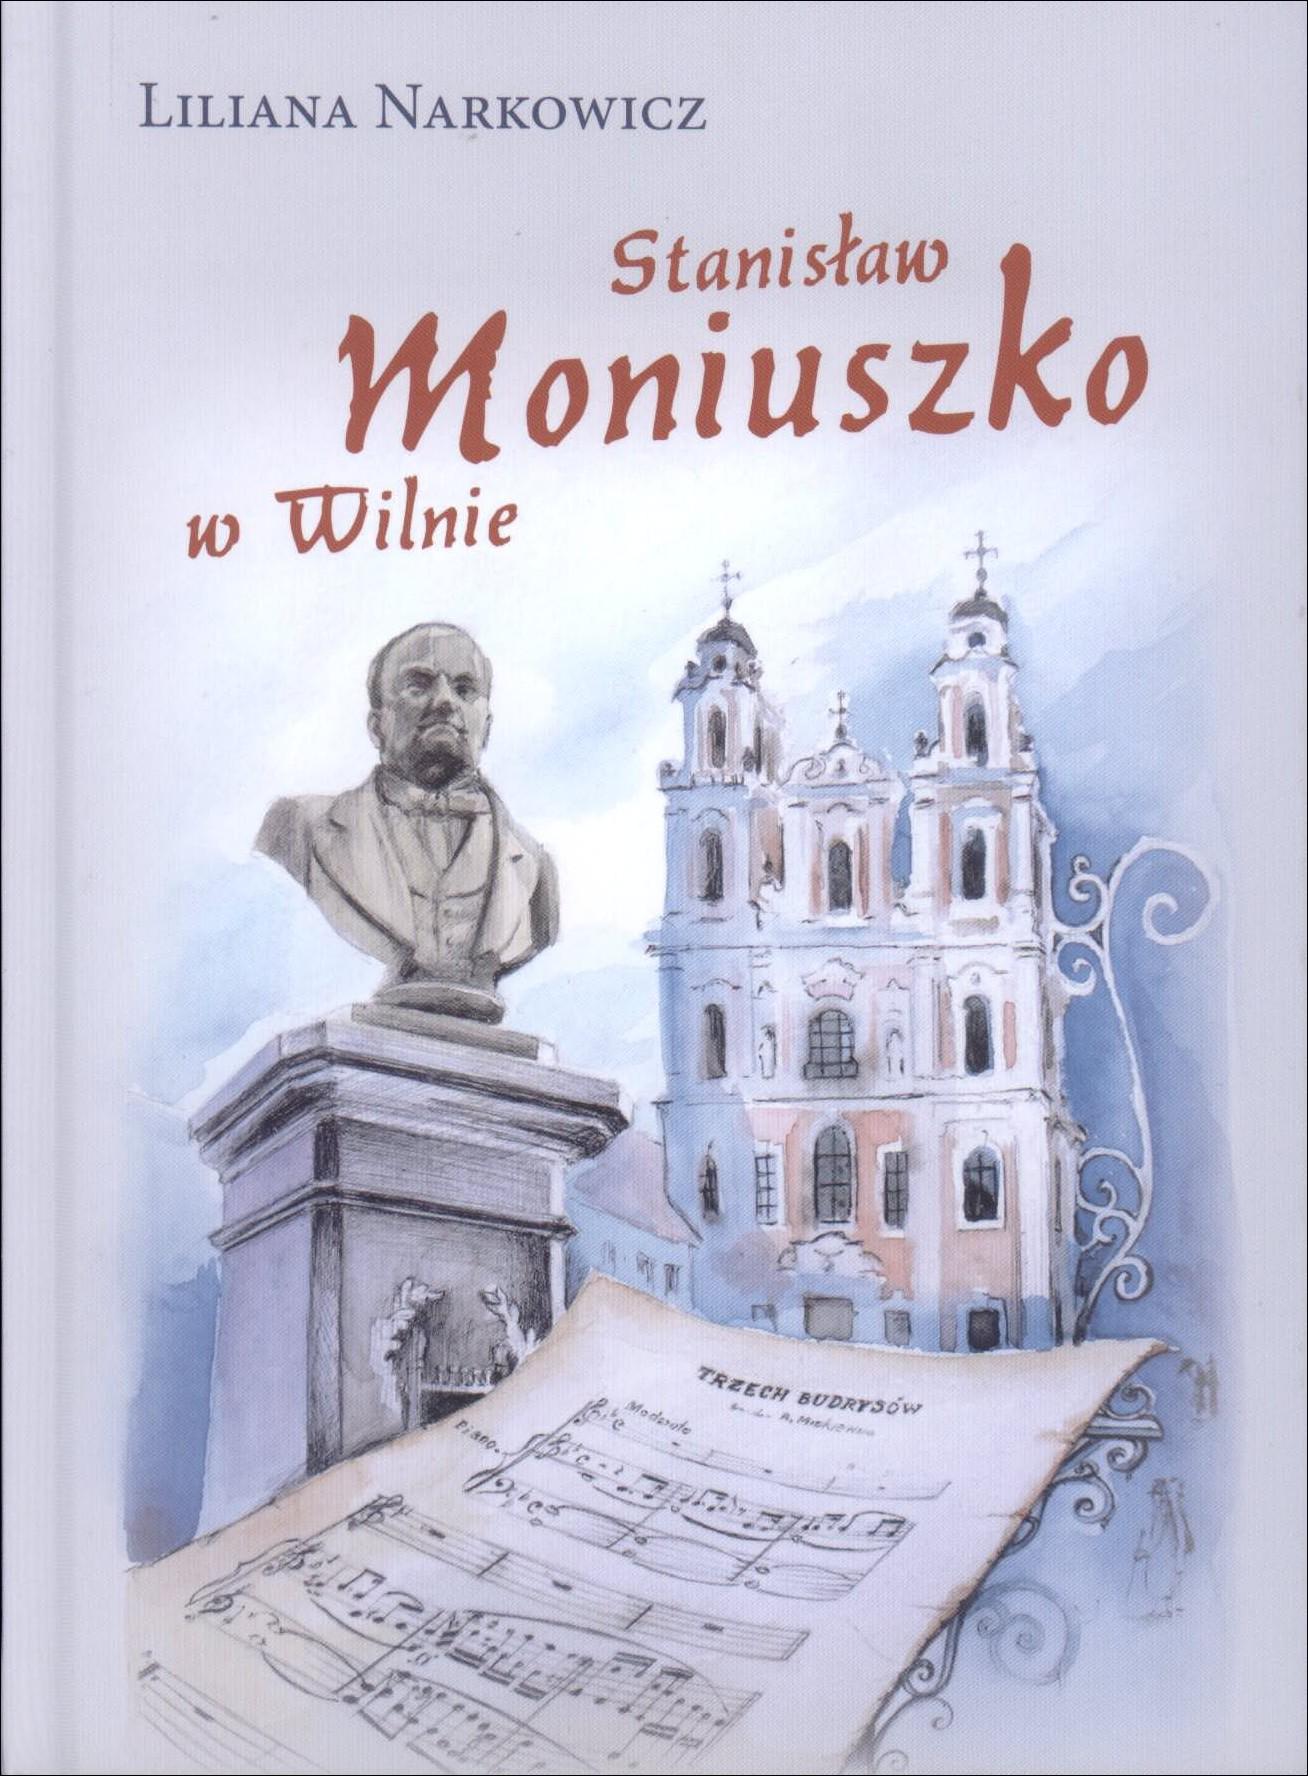 Narkowicz, Liliana. Stanisław Moniuszko w Wilnie. – Wilno, 2014. Knygos viršelis